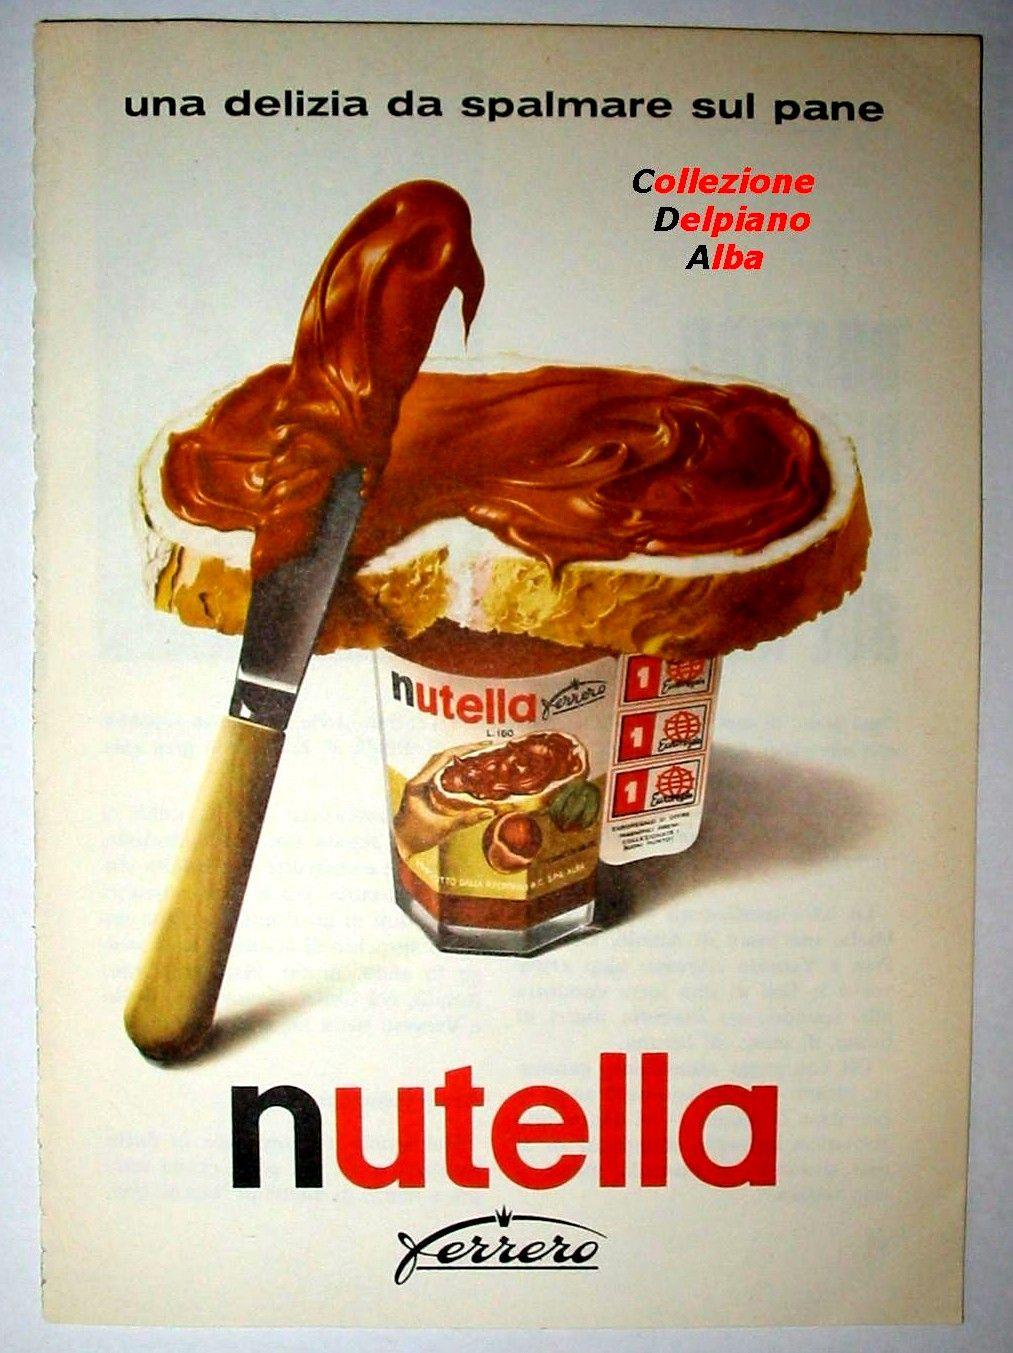 affiche publicitaire nutella